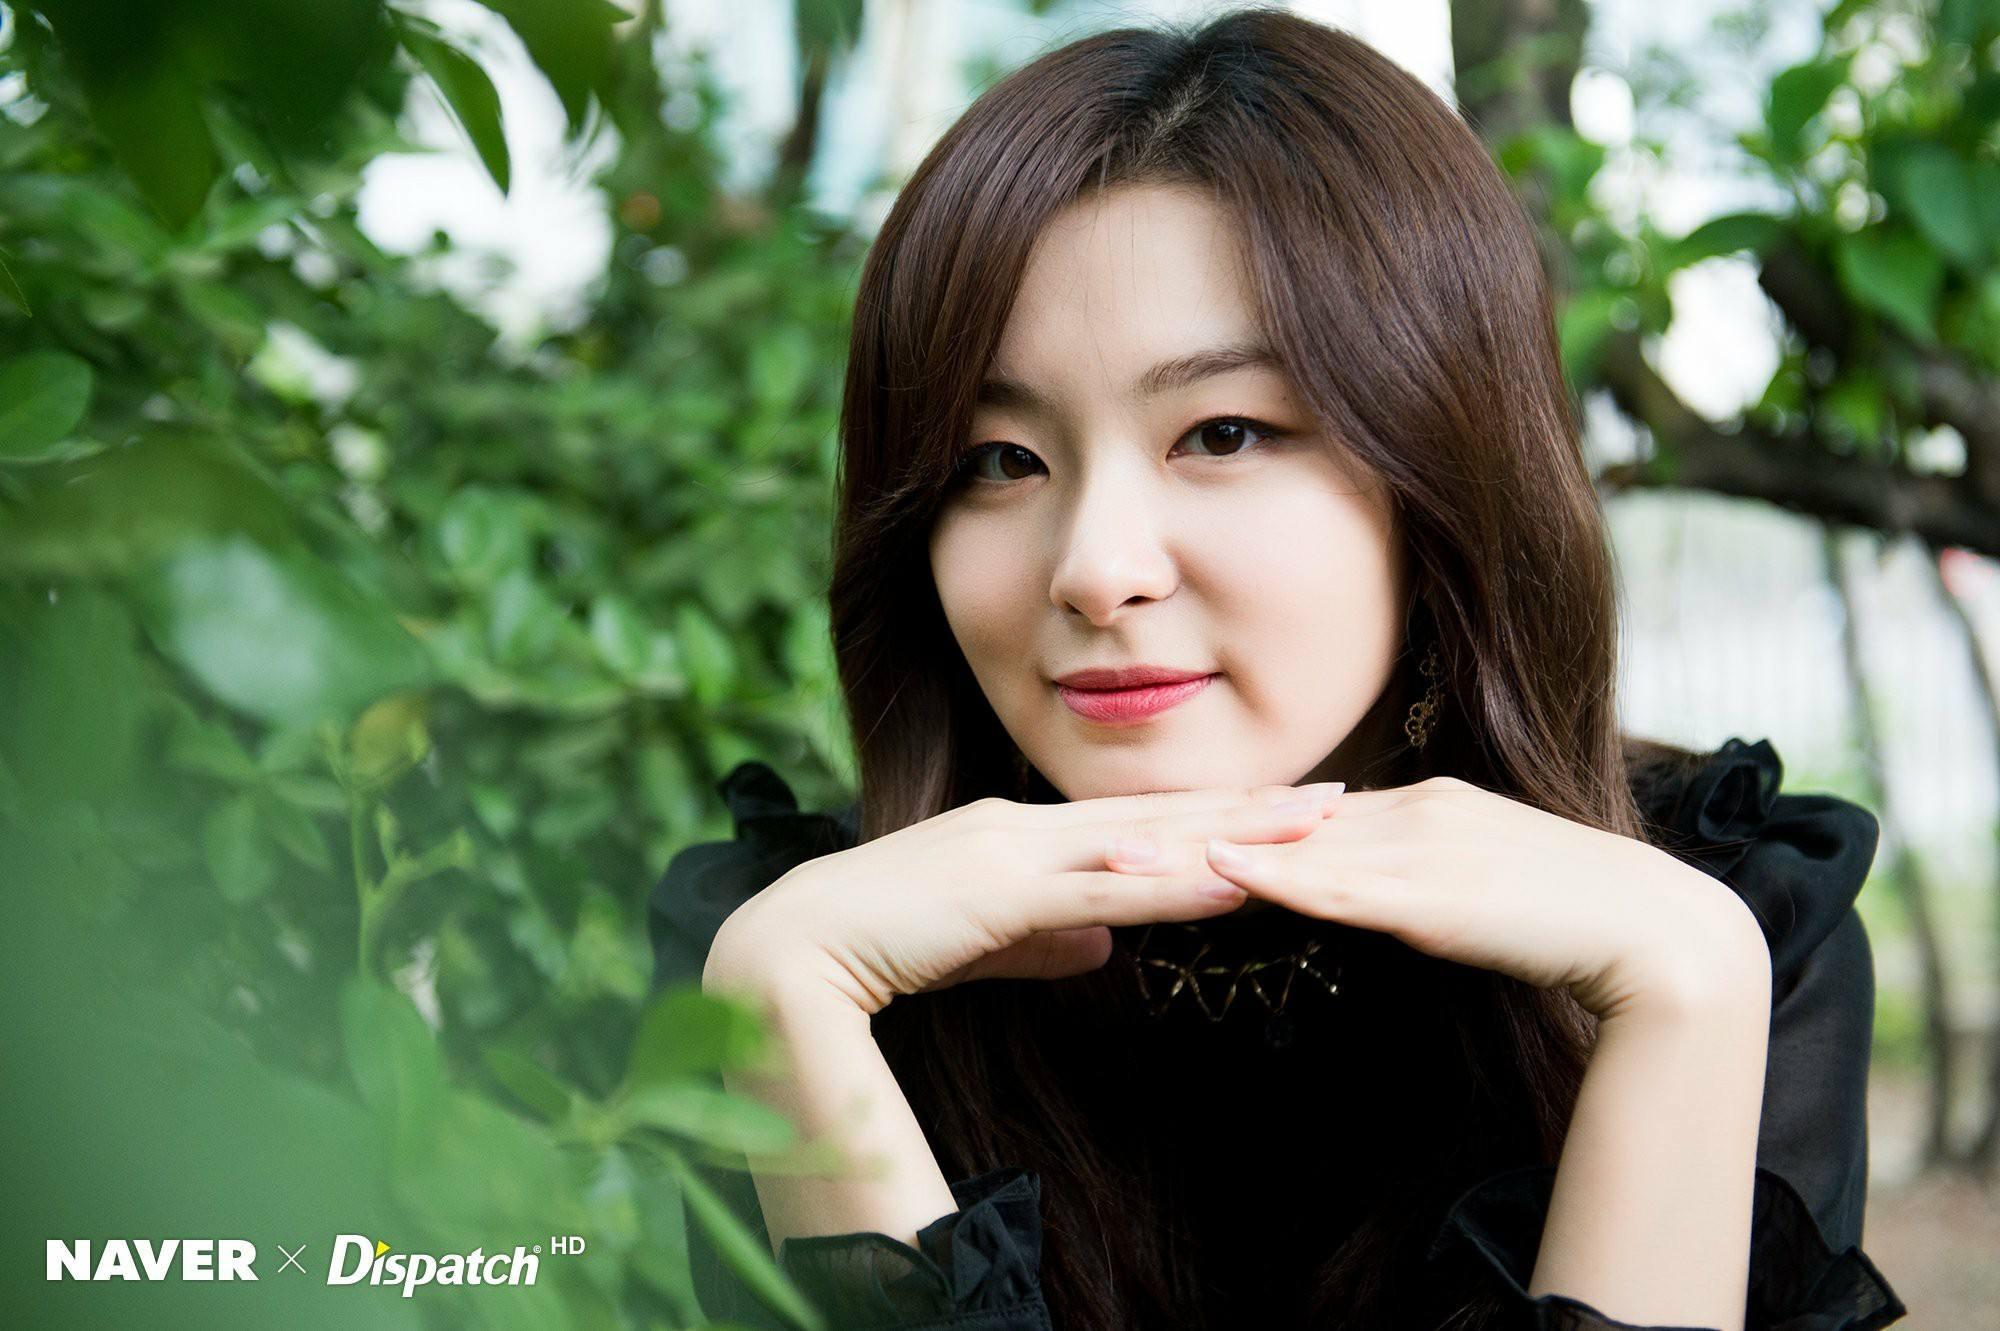 Rela Mengorbankan Masa Muda  Berikut K-pop Idol dengan Masa Pelatihan Terlama -              rela,mengorbankan,masa,muda,berikut,k-pop,idol,dengan,masa,pelatihan,terlama